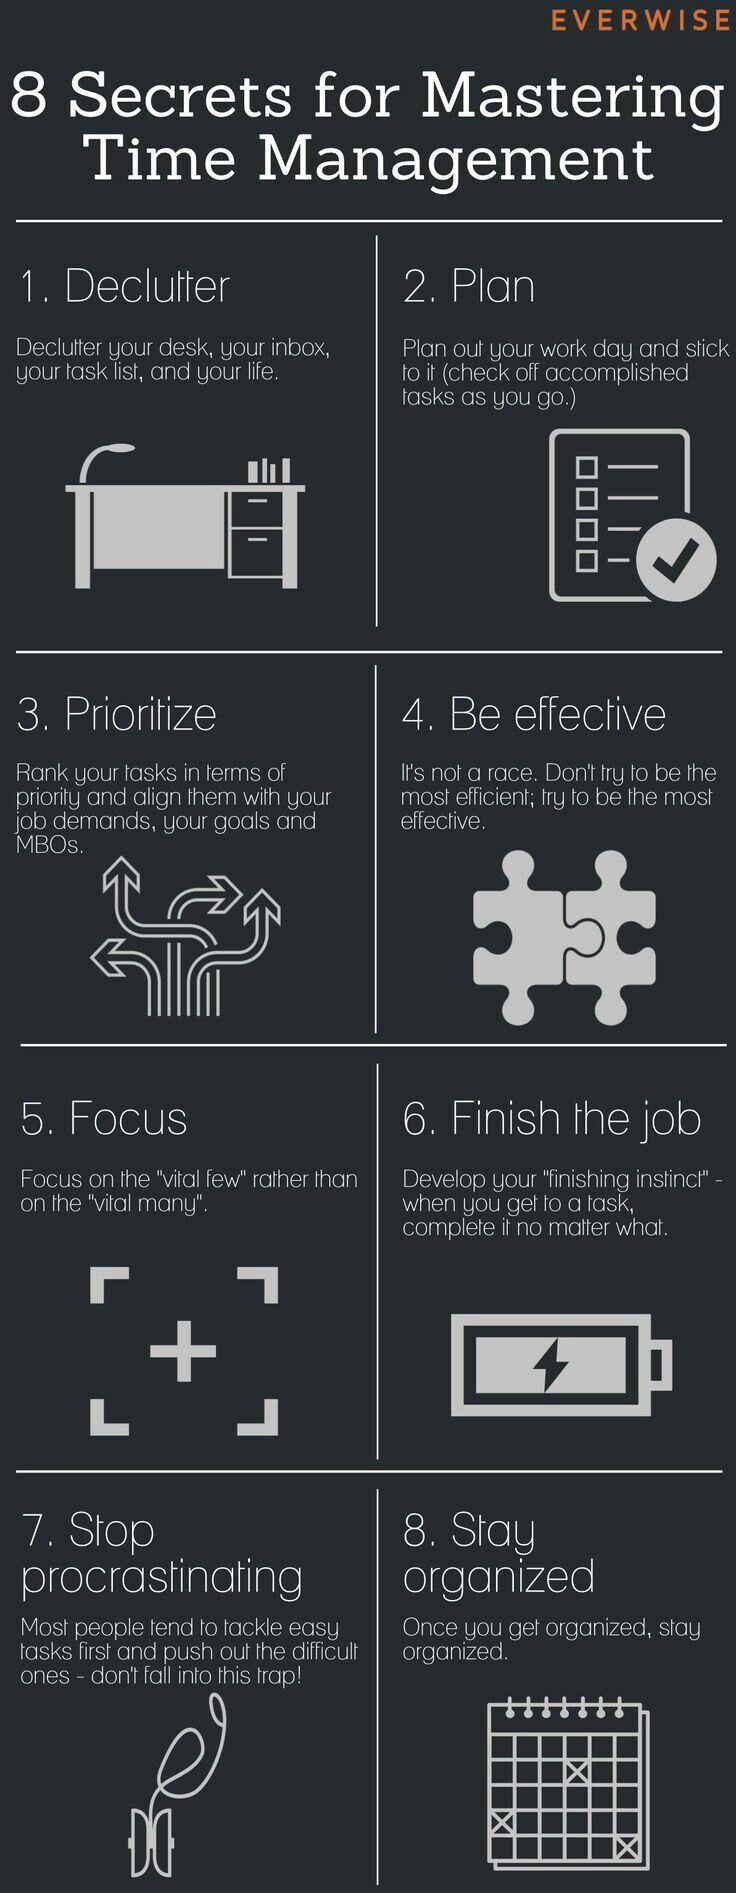 8 secret tips for mastering time management